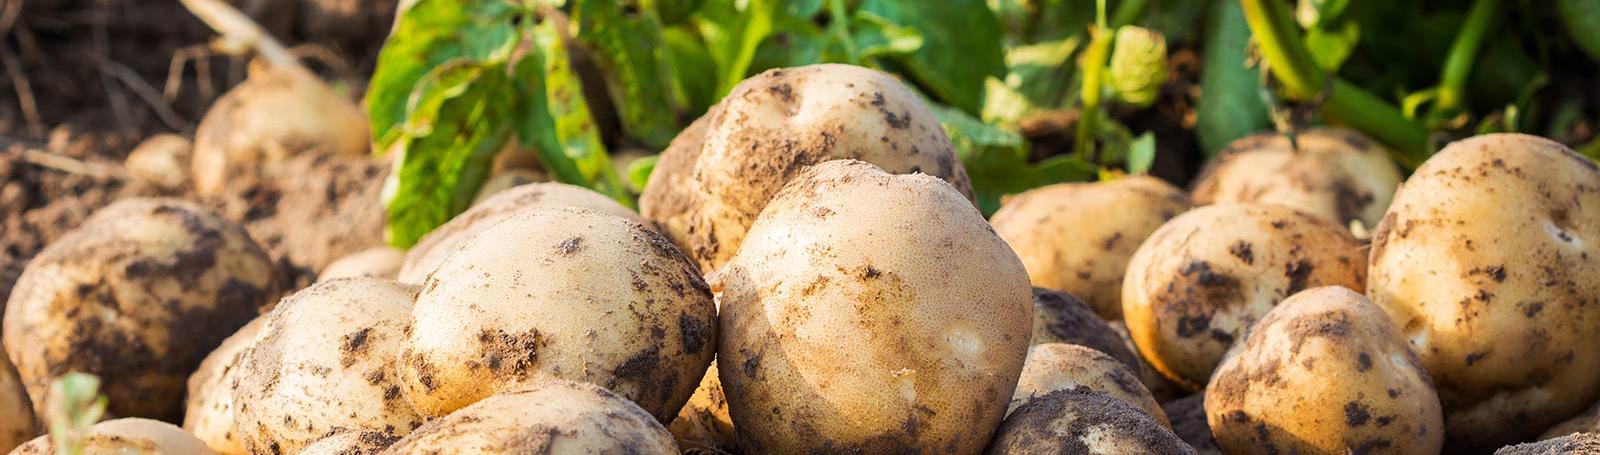 Geen gesjouw, Wij bezorgen aardappelen bij u aan huis!